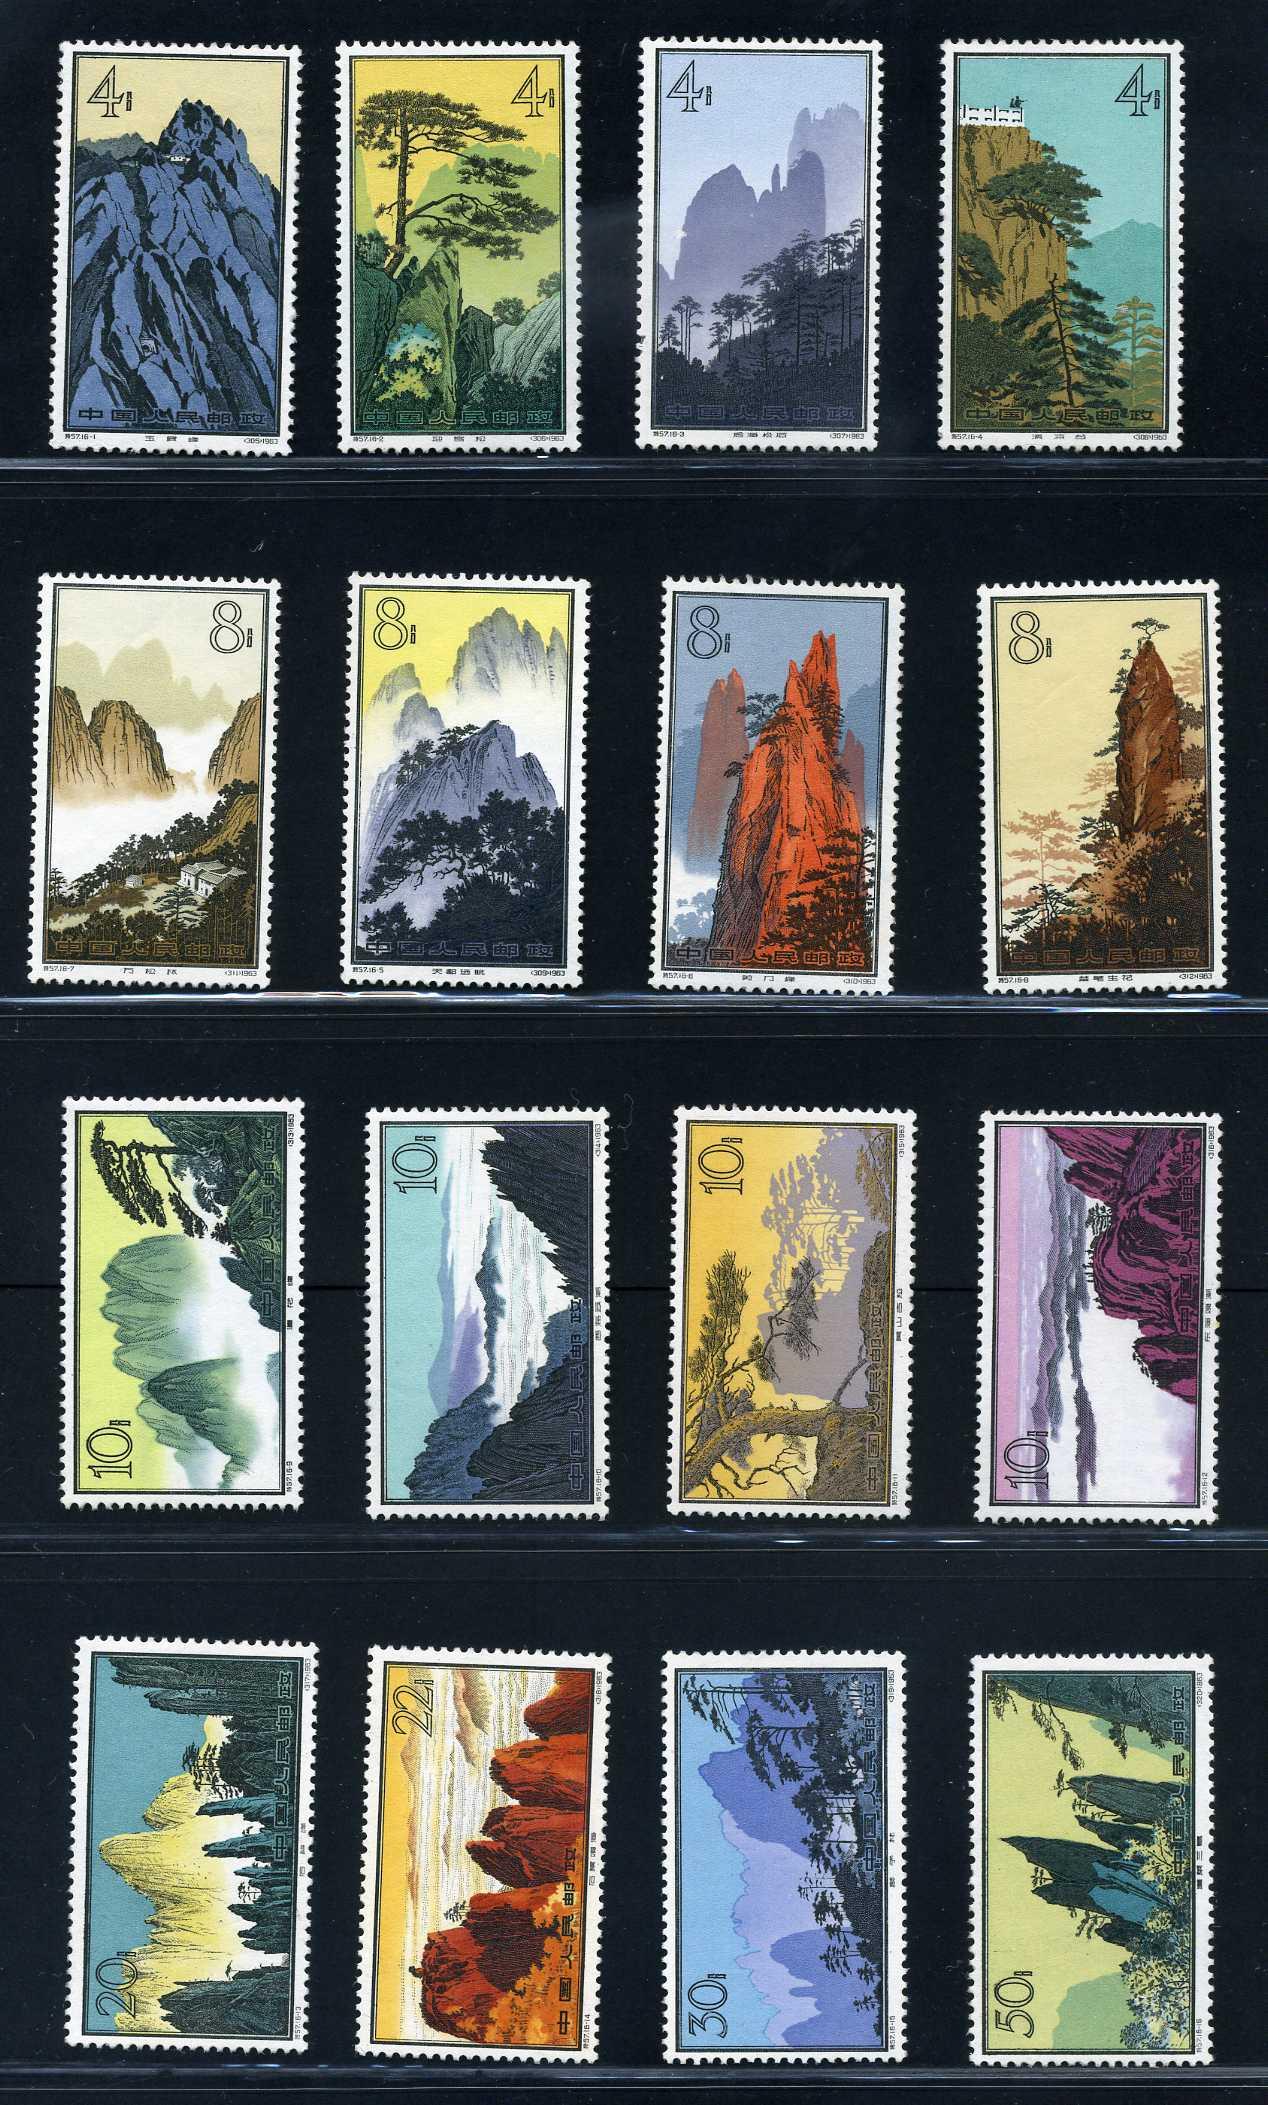 新中国的最佳邮票 1949 1979 你最喜欢哪一套 集邮吧 百度